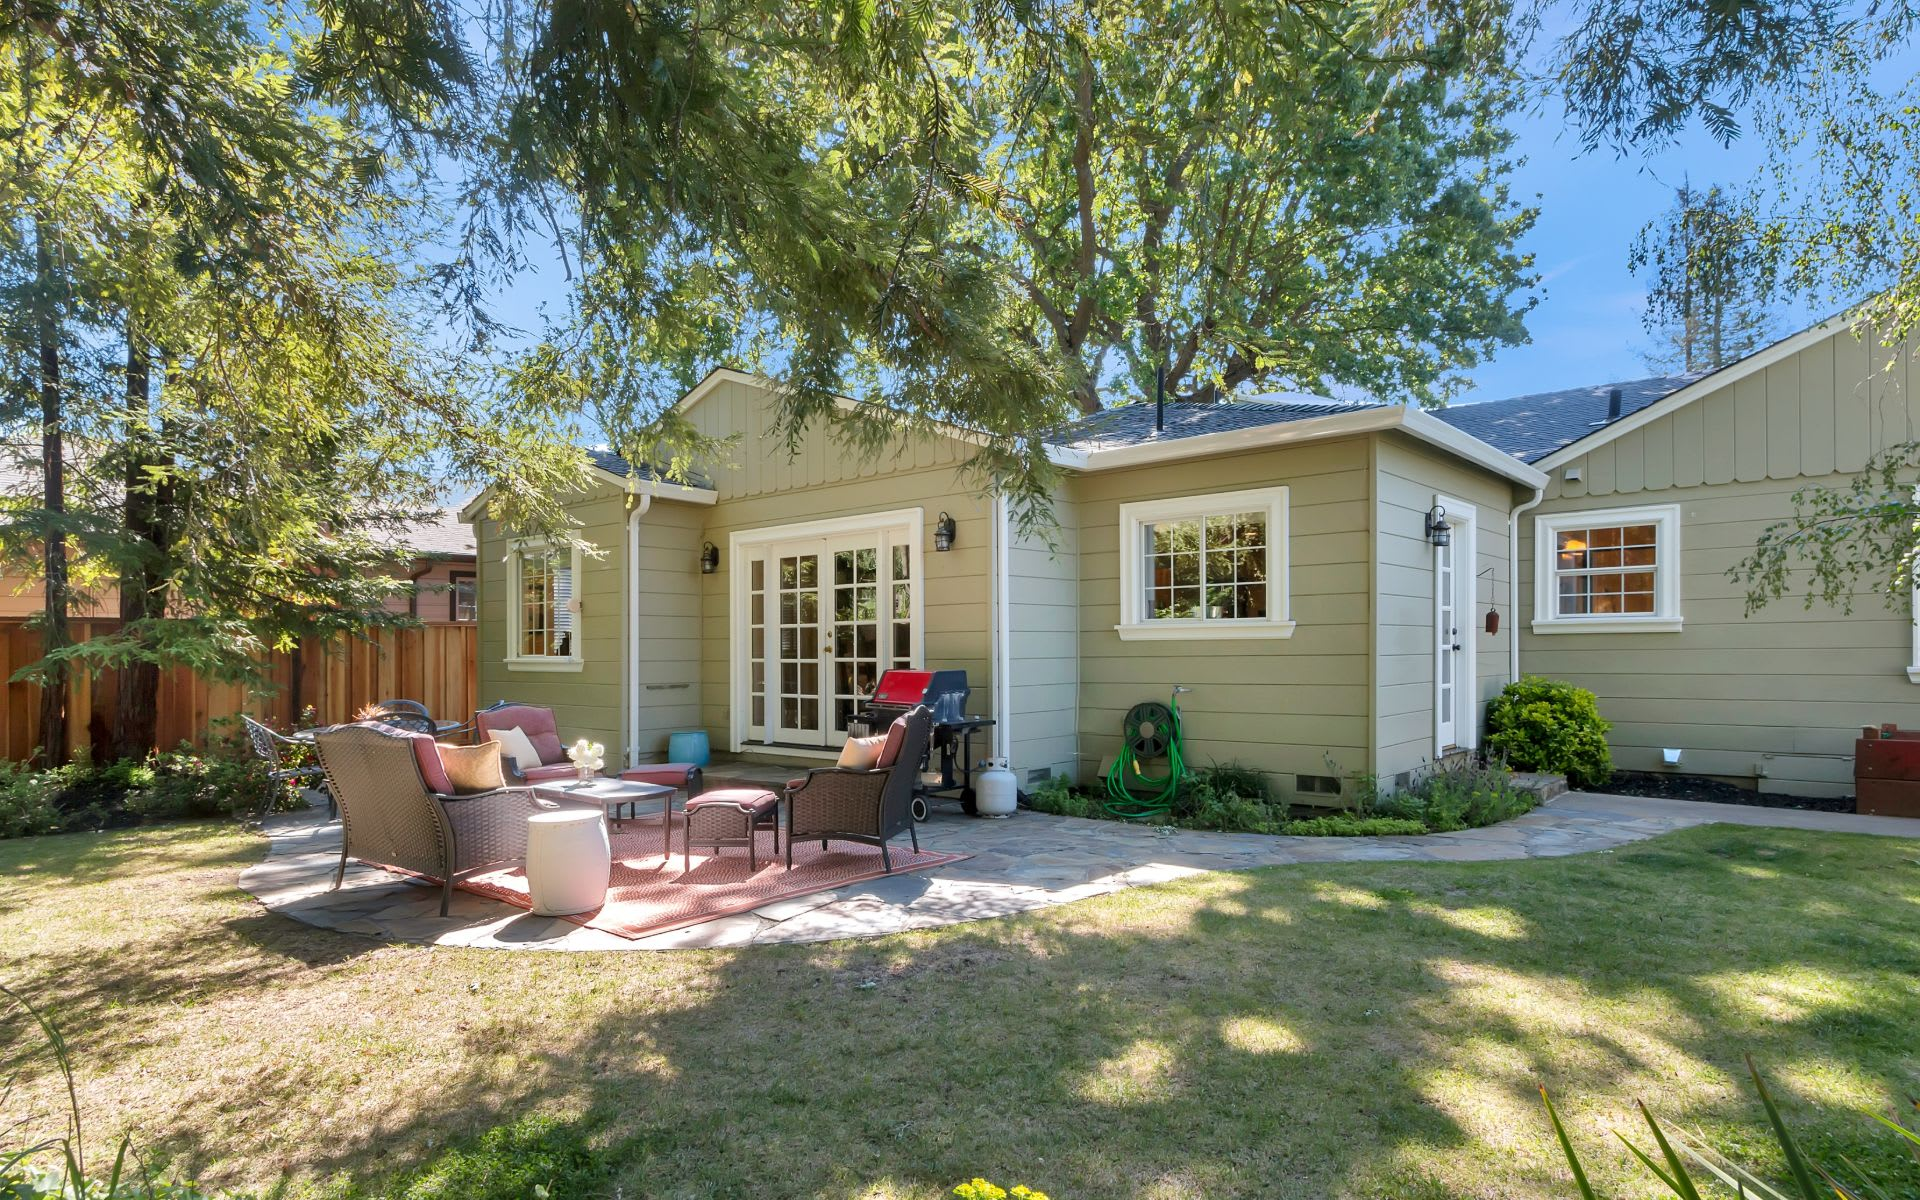 3348 Victoria Ave photo